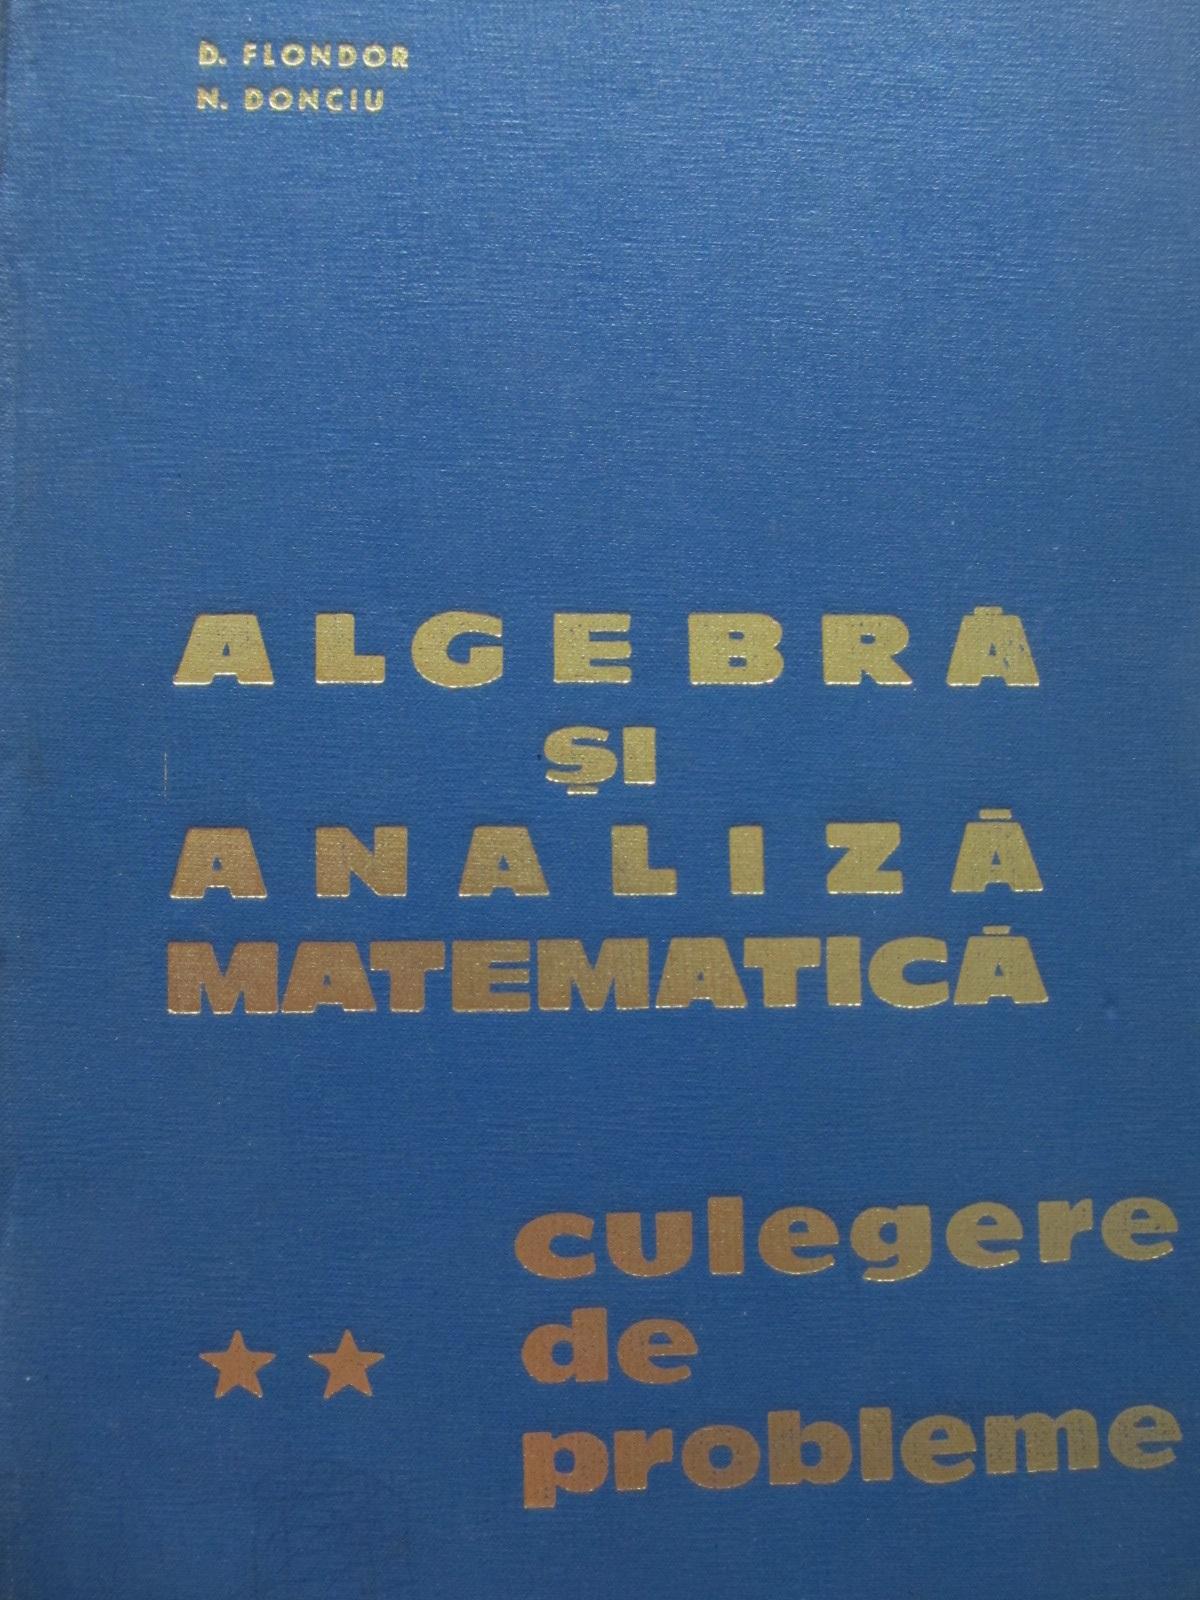 Algebra si analiza matematica - culegere de probleme (vol. 2) [1] - D. Flondor , N. Donciu | Detalii carte